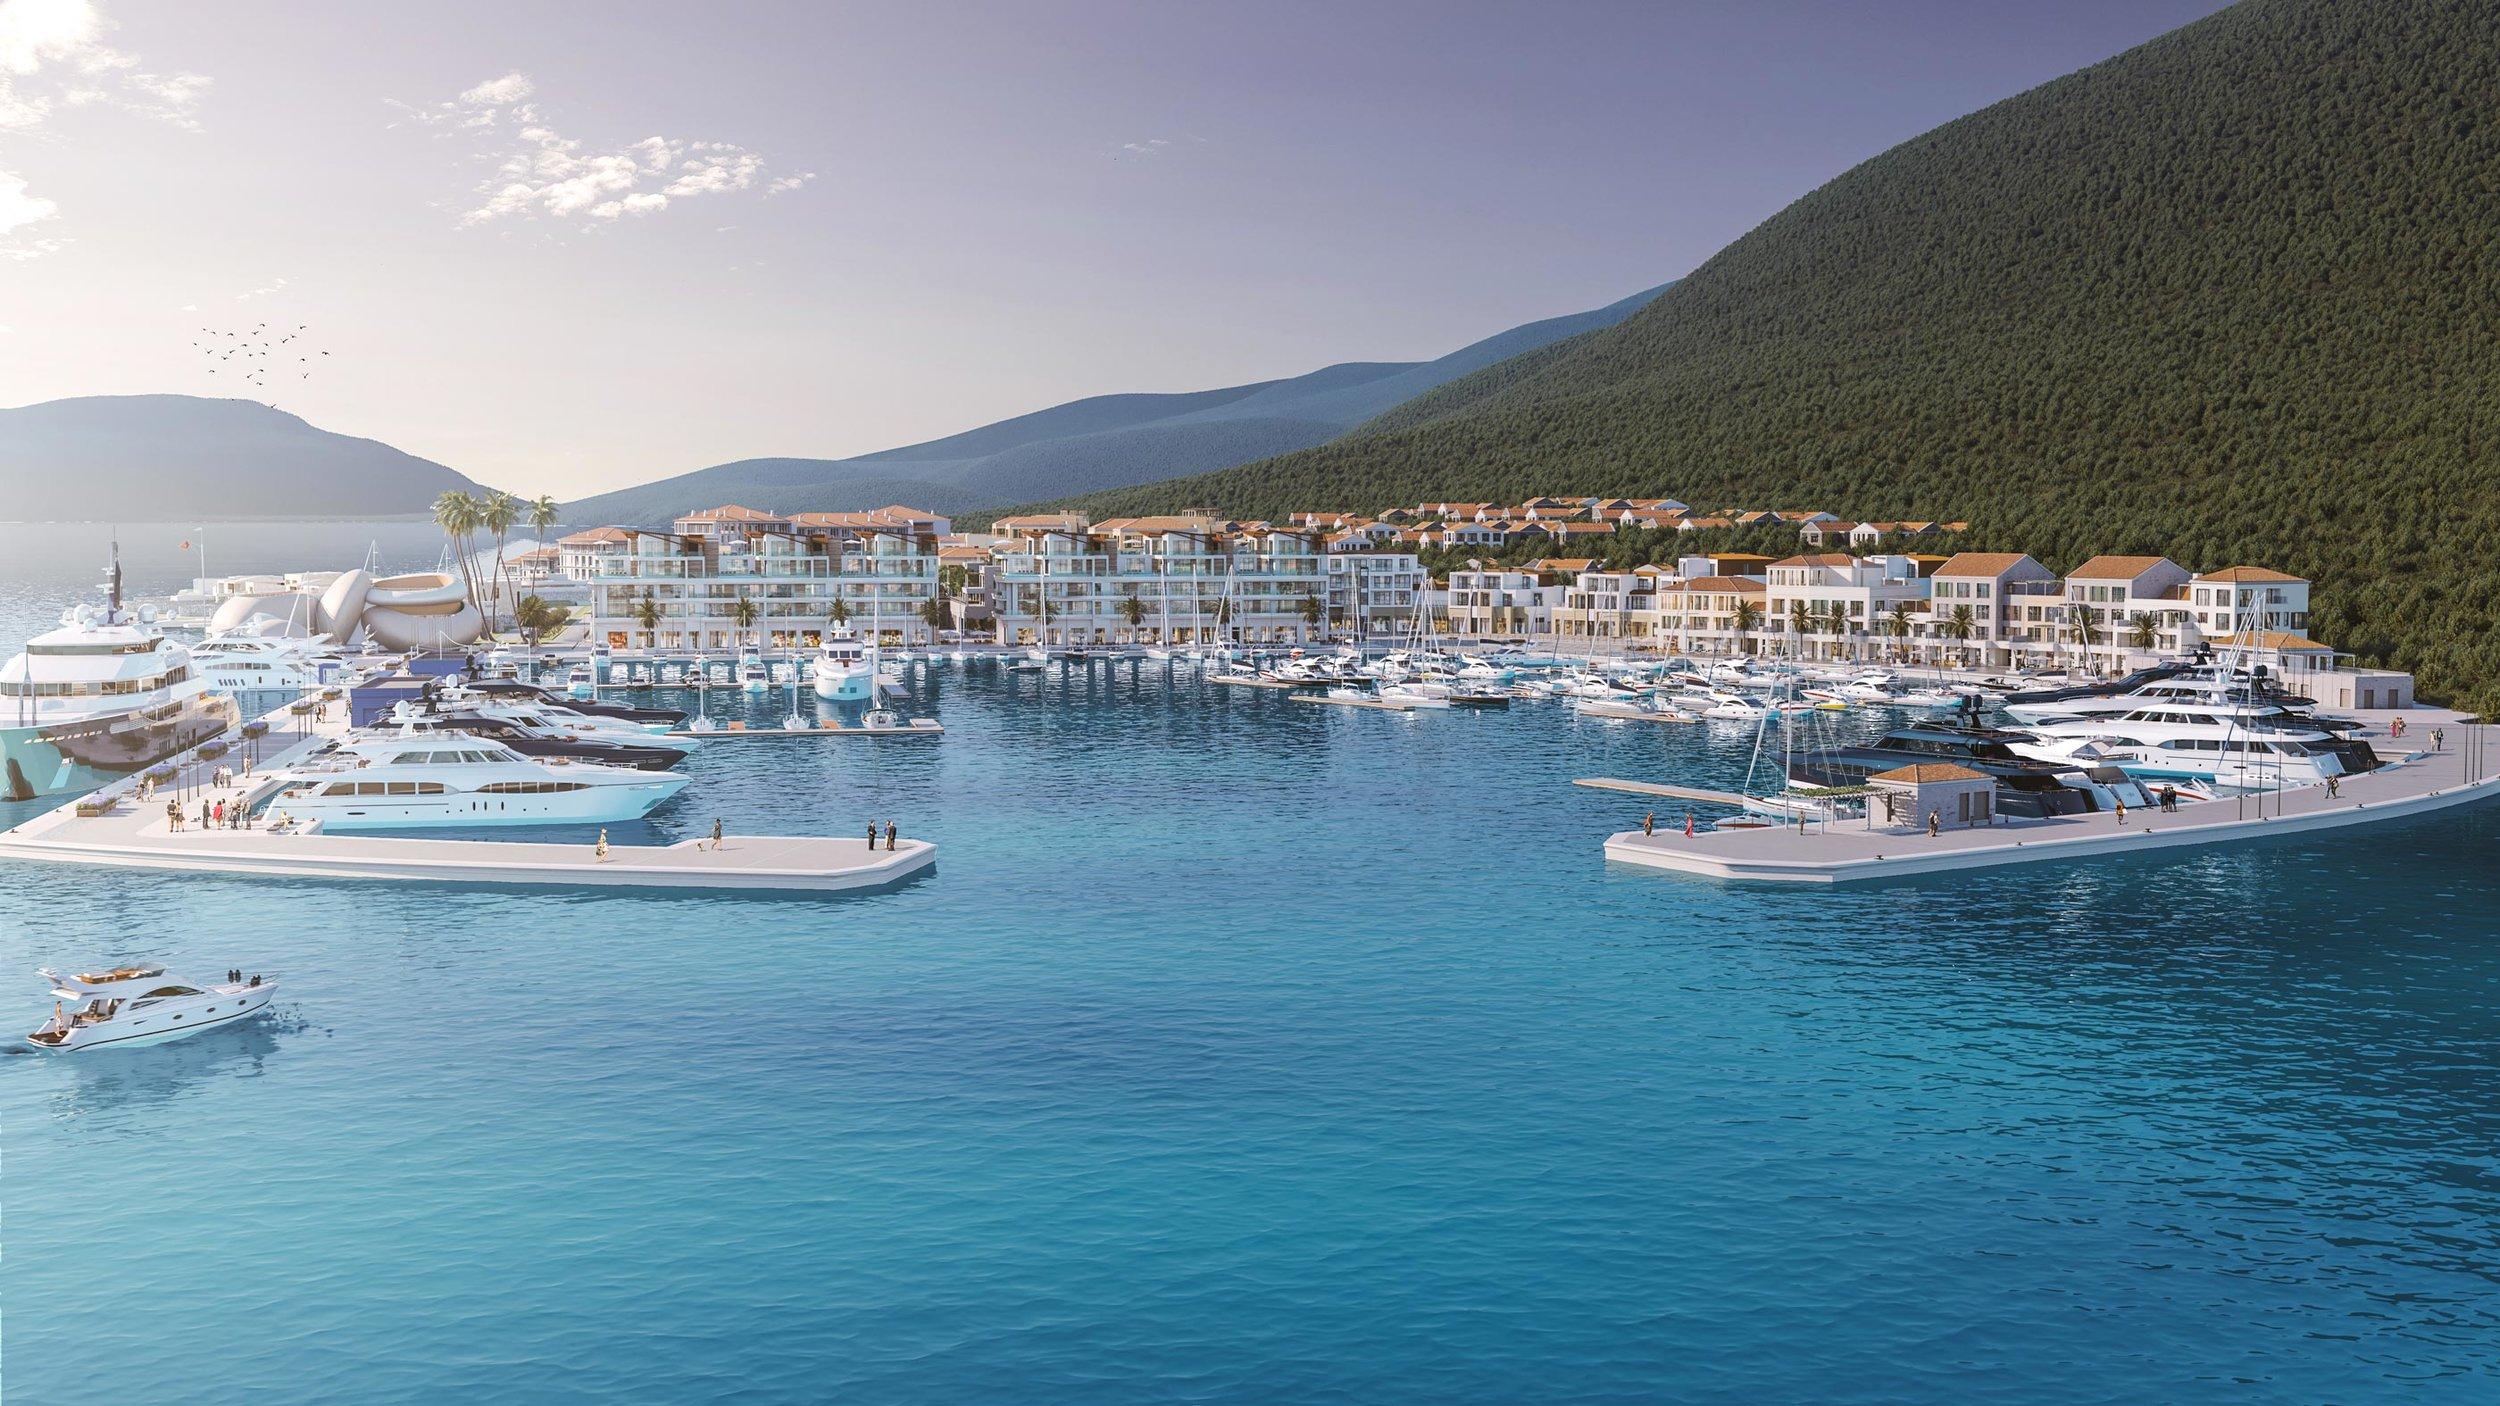 Elite-resort-with-luxury-apartments-in-Herceg-Novi (1).jpg